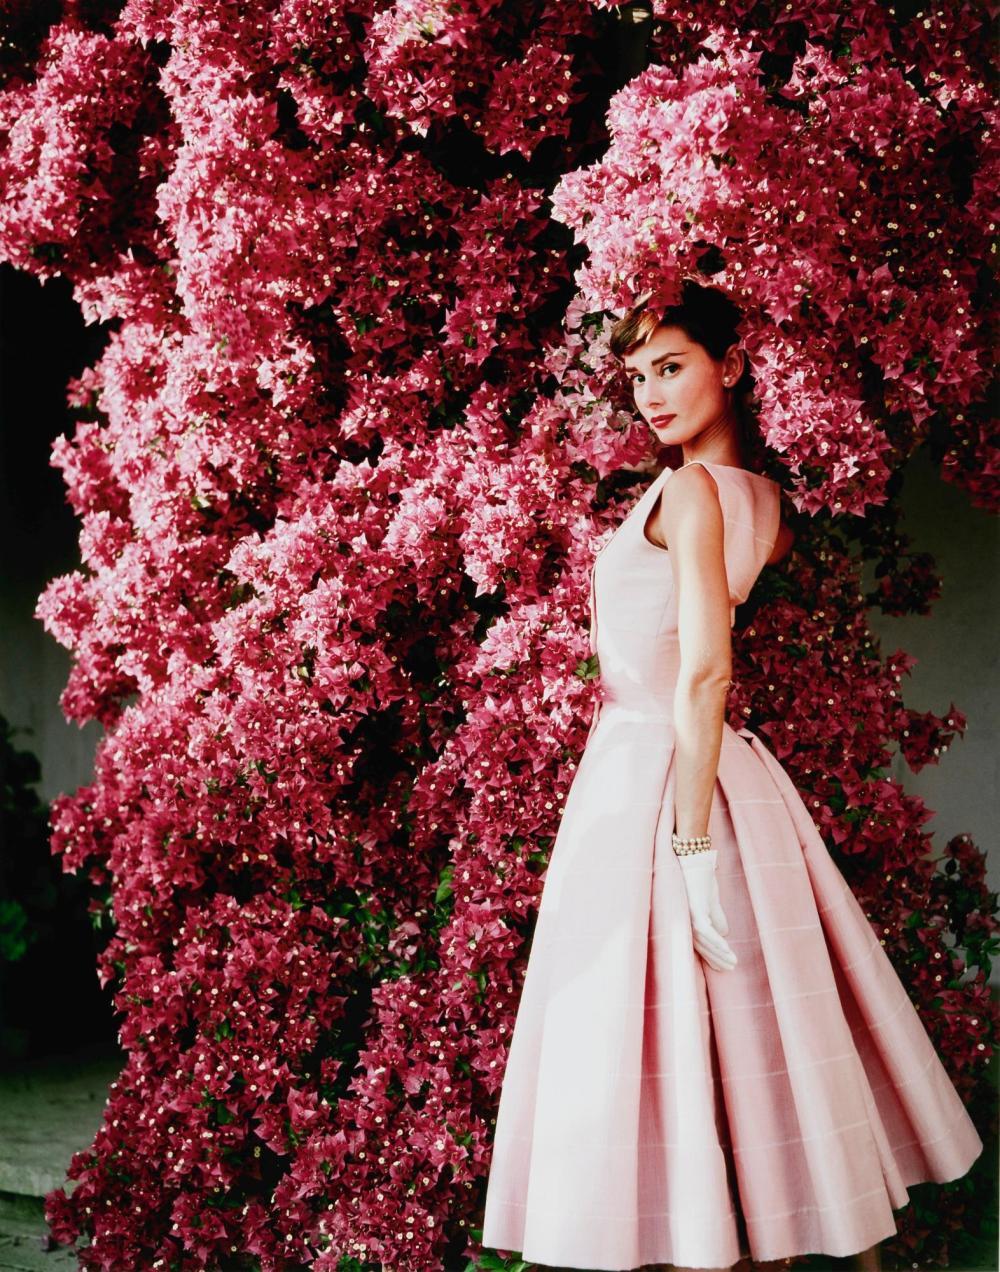 NORMAN PARKINSON | Audrey Hepburn with Flowers II, 1955